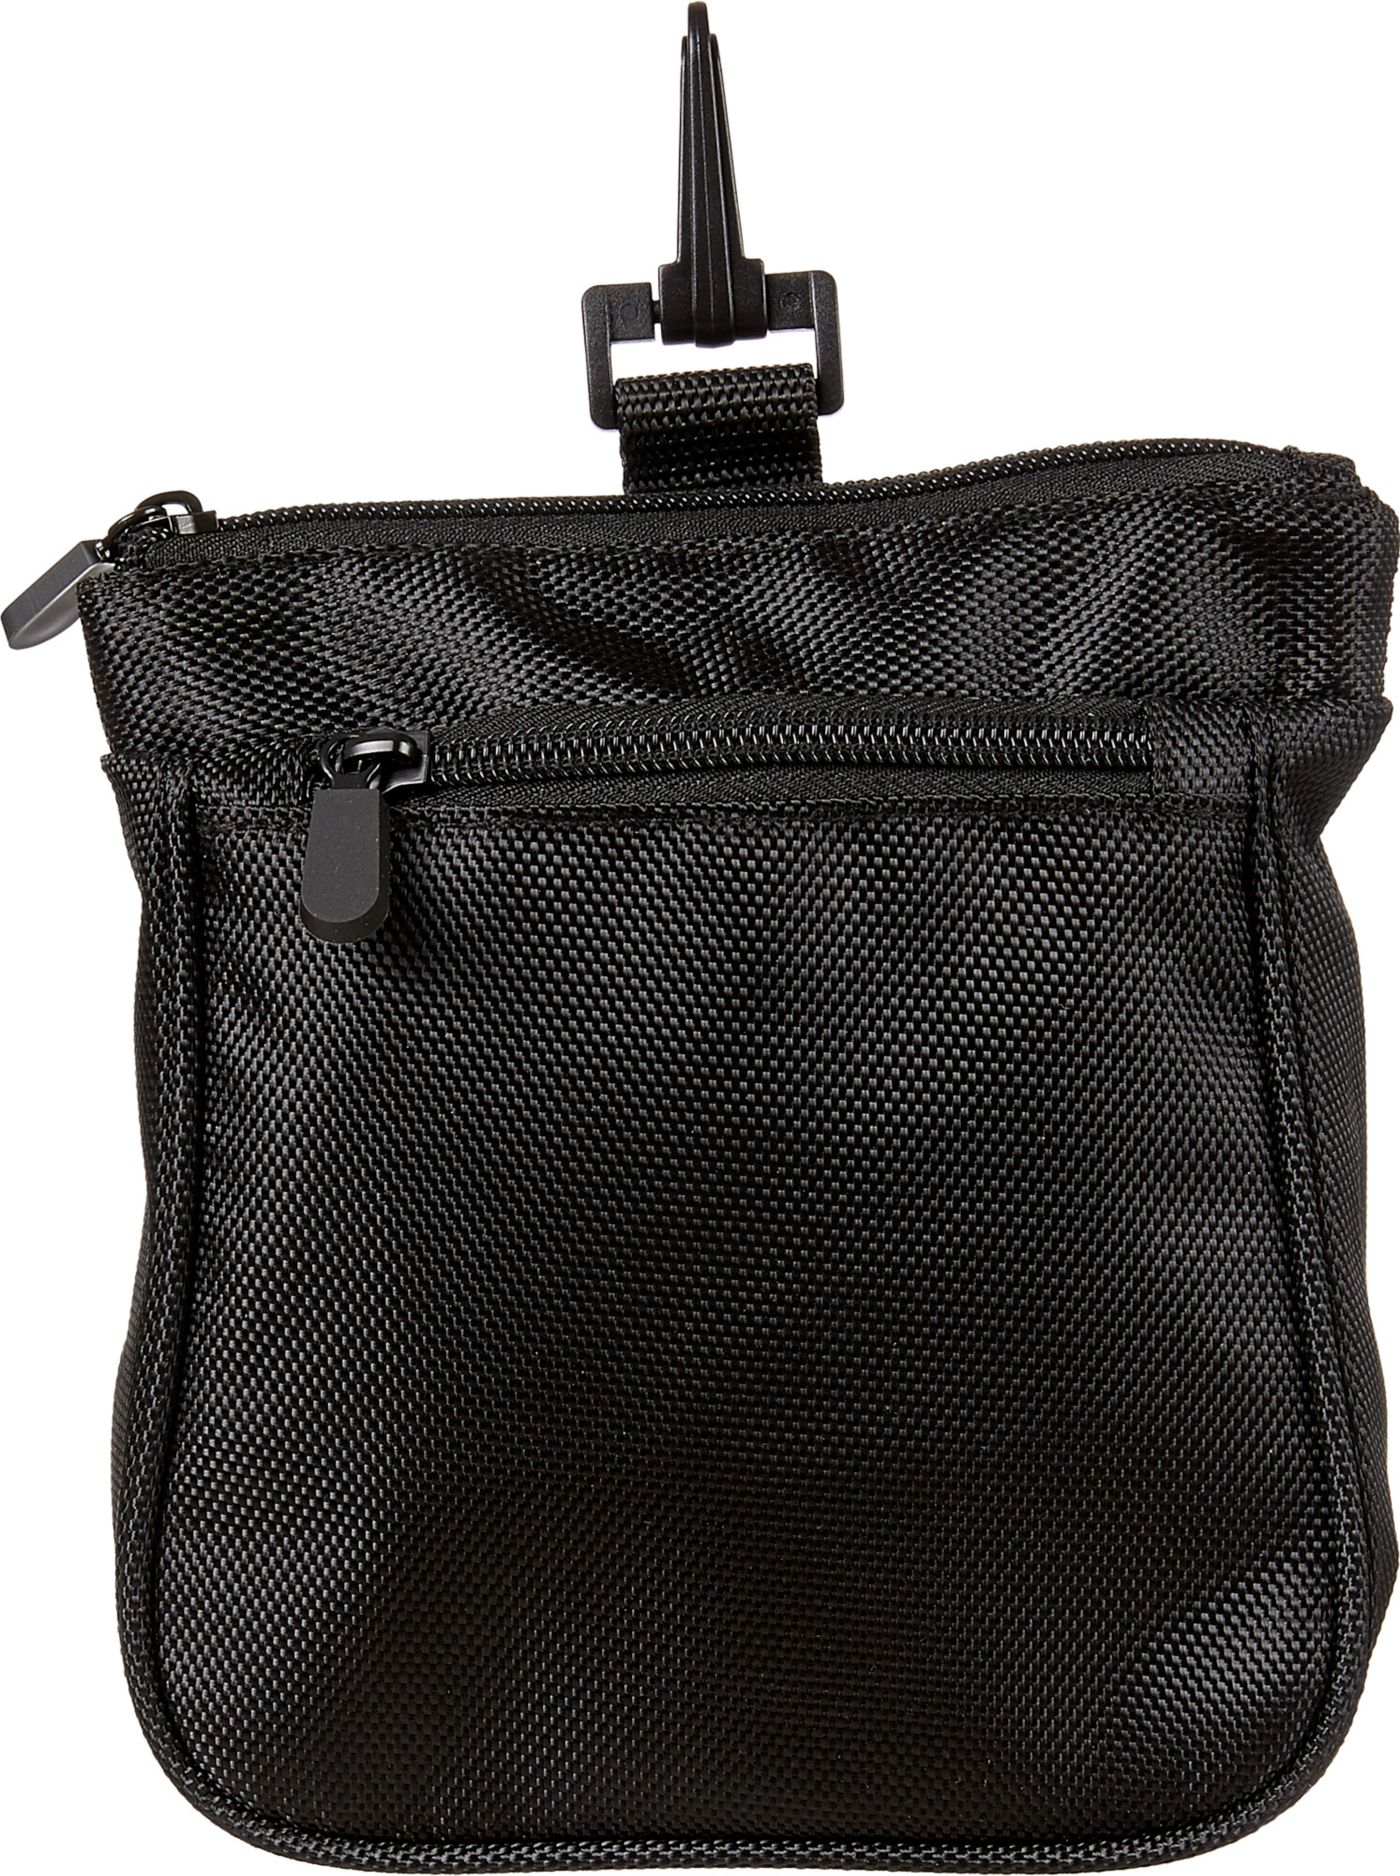 Maxfli Deluxe Valet Bag